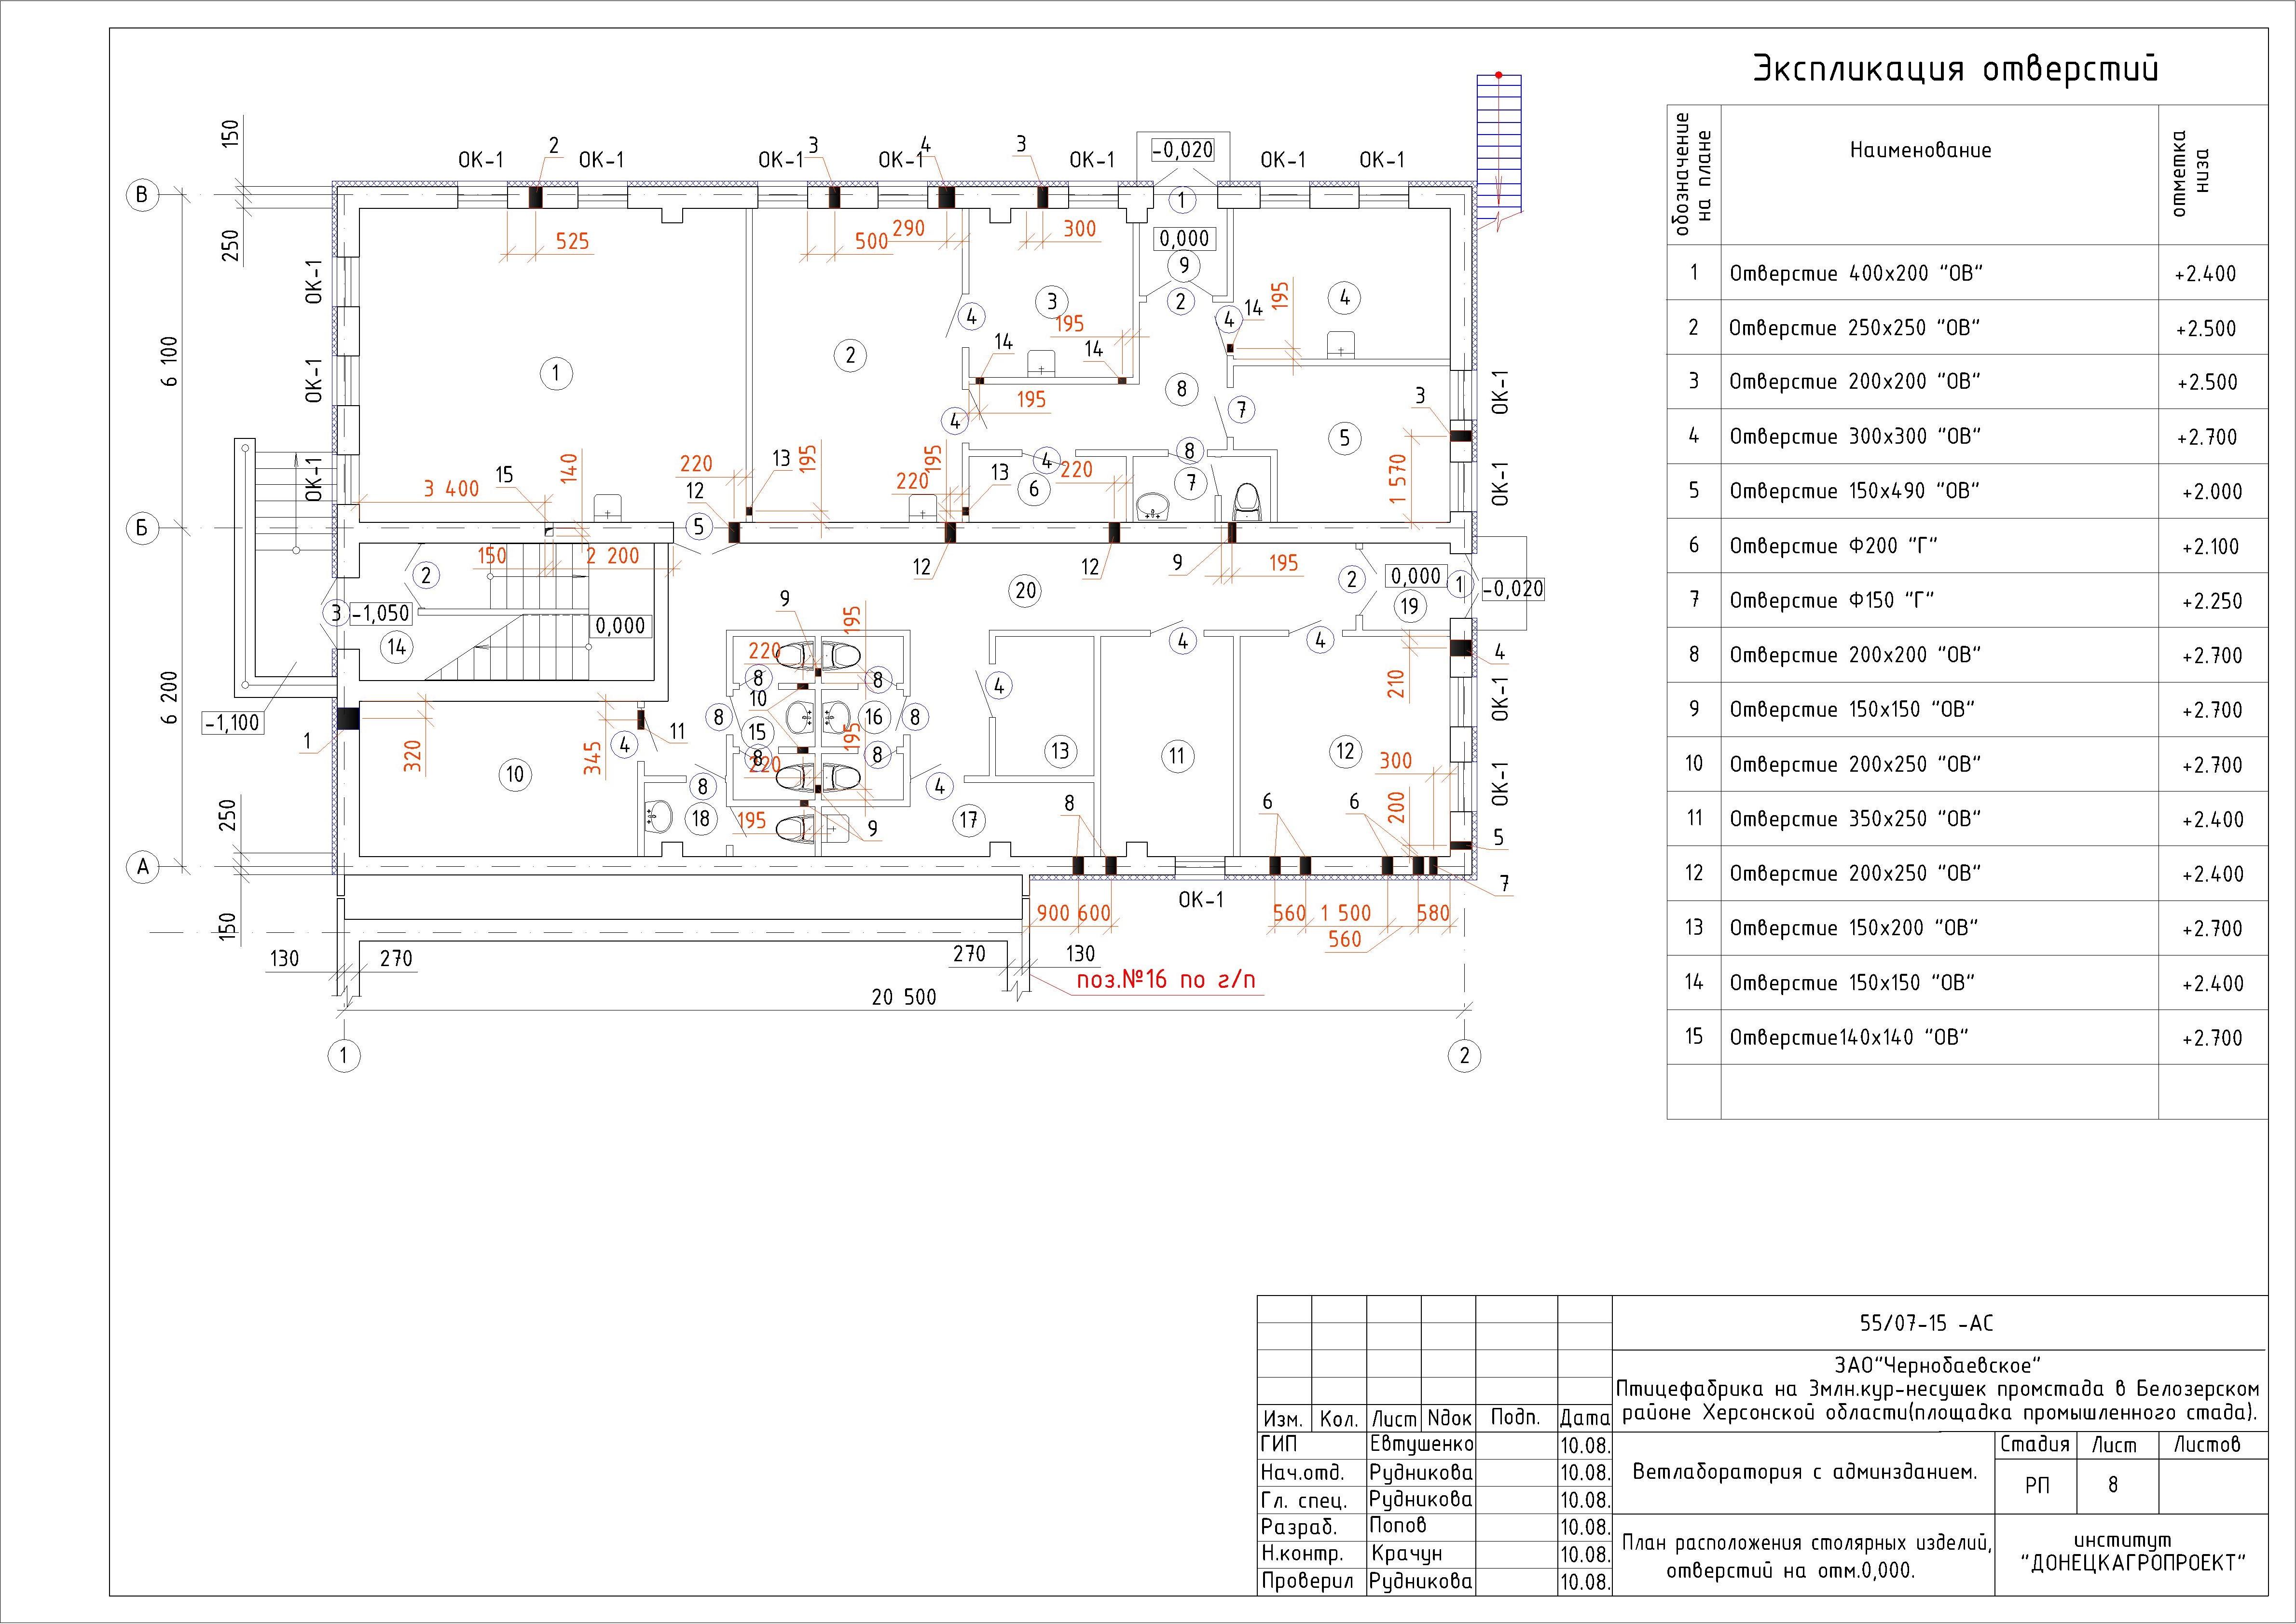 Ветлаборатория. План расположения столярных изделий